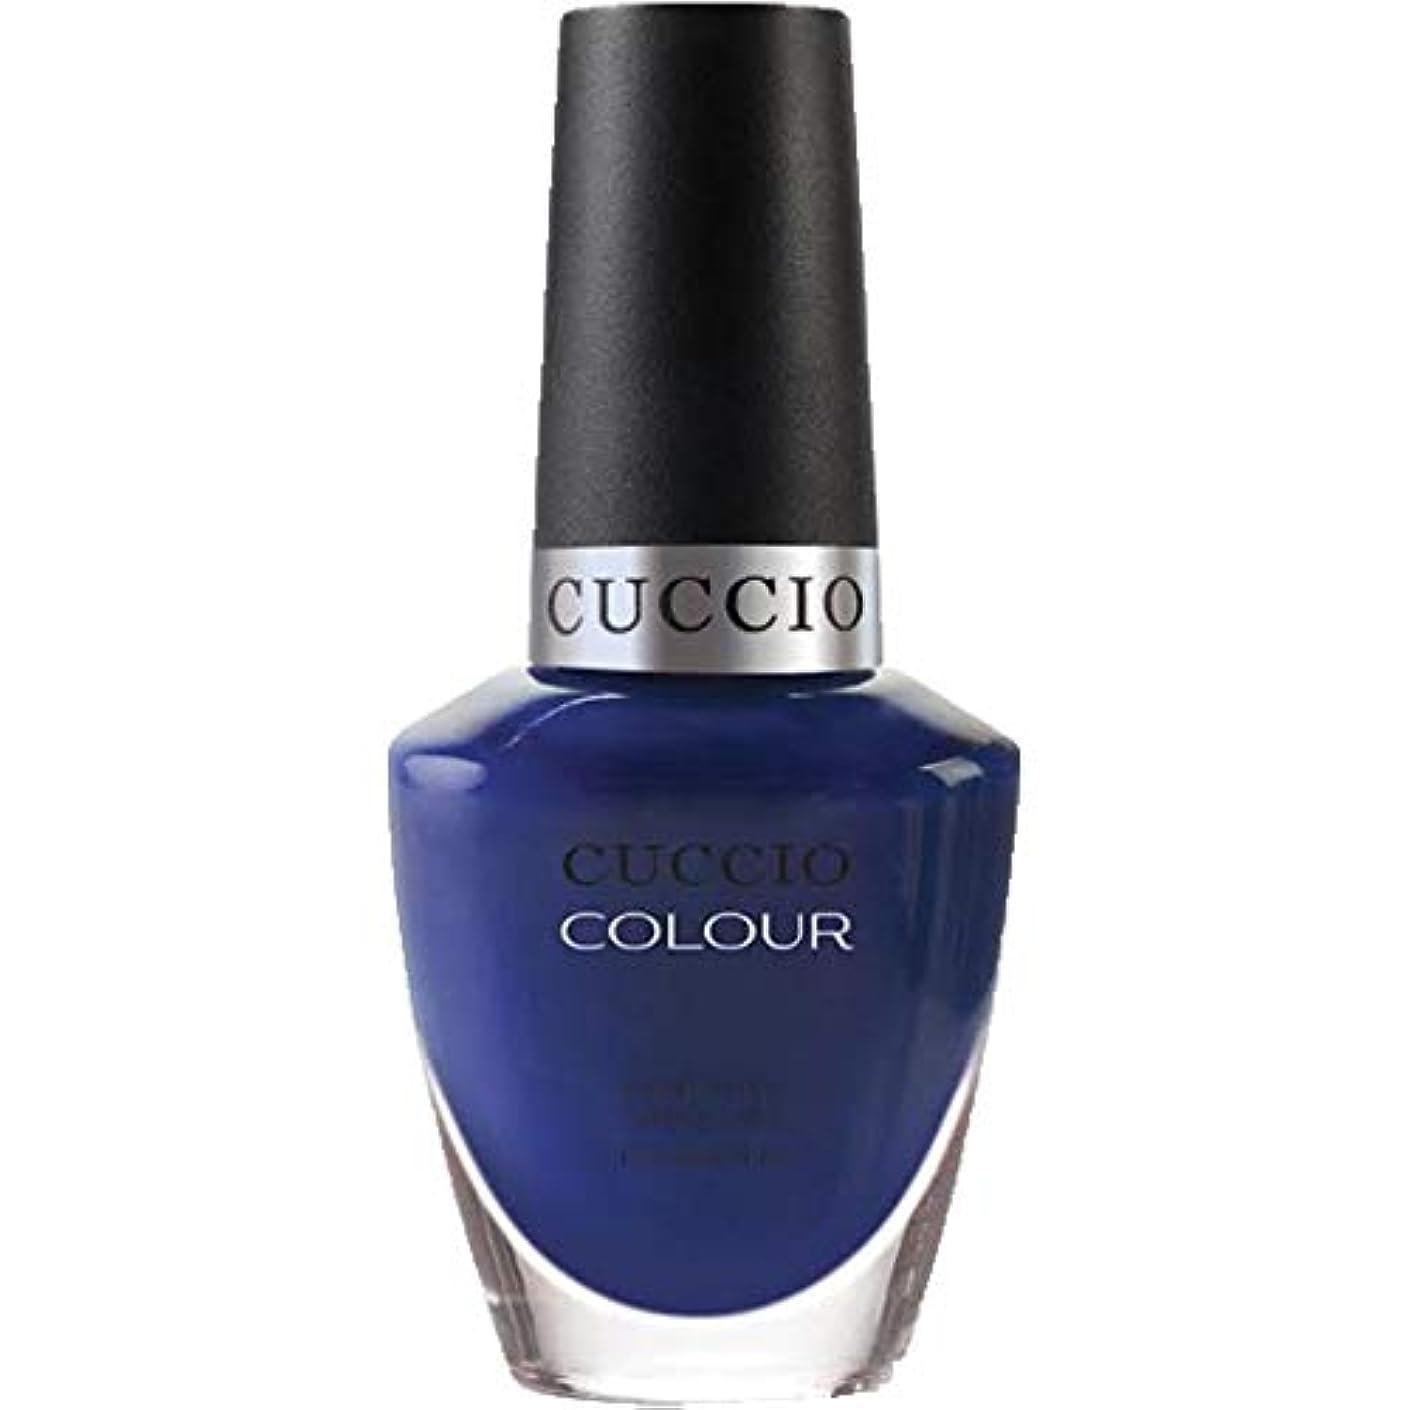 褐色シンジケートさわやかCuccio Colour Gloss Lacquer - Lauren Blucall - 0.43oz / 13ml